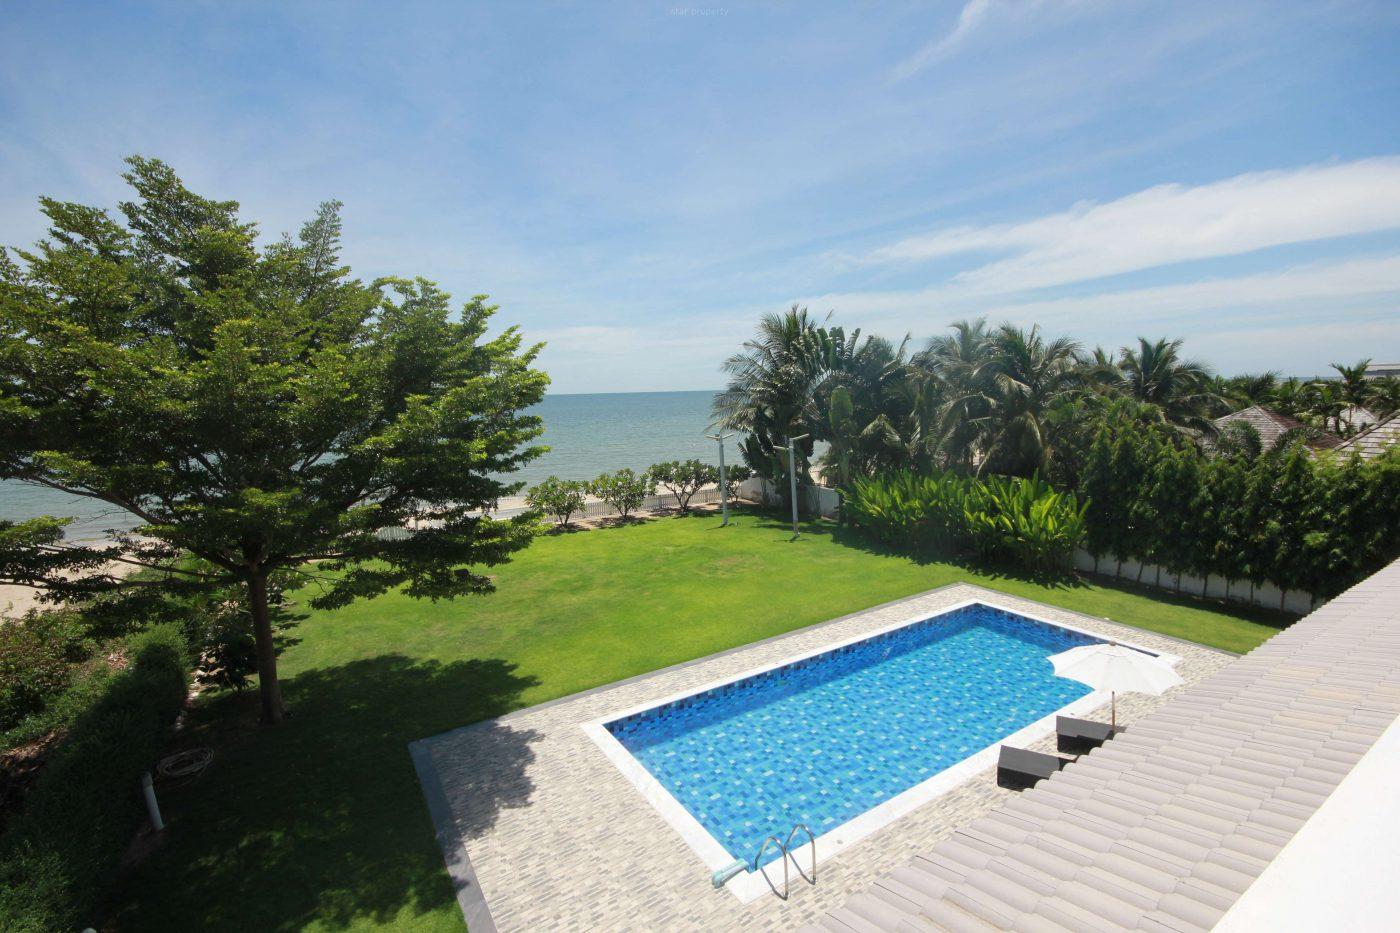 house on the beach for sale